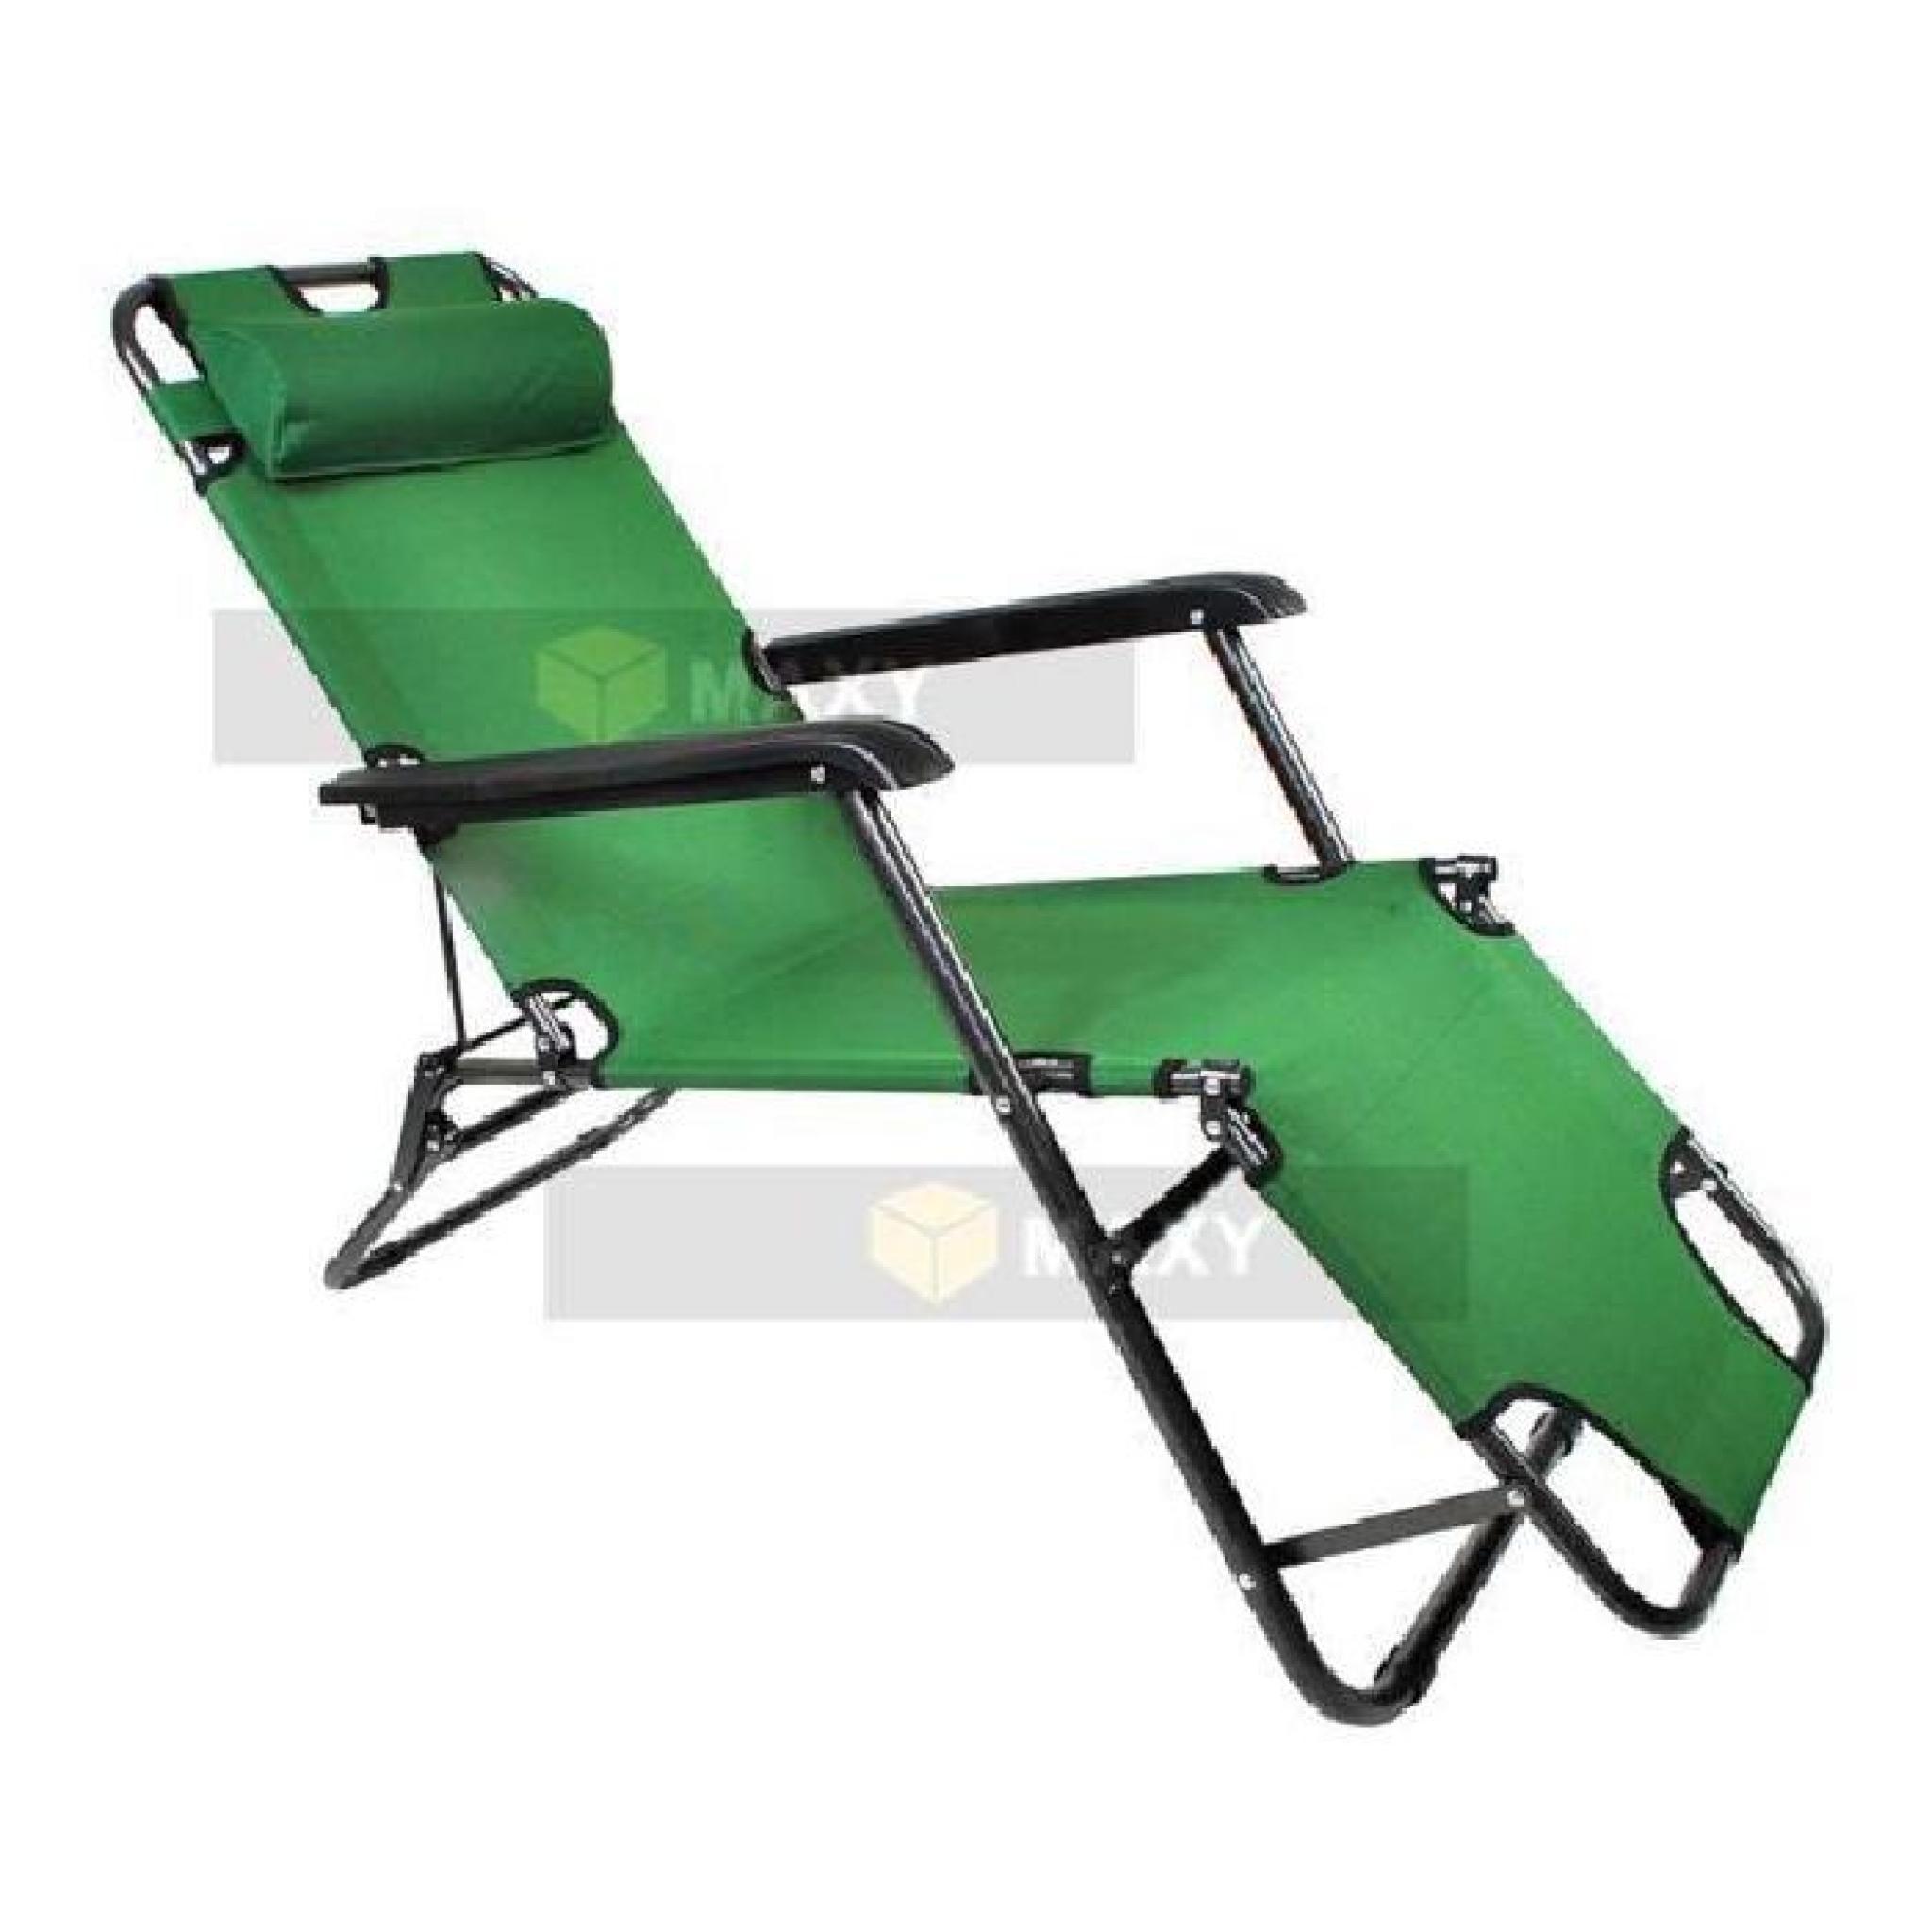 chaise longue transat 3 positions fauteuil pliable jardin piscine plage bleu cl pas cher - Chaise Longue Transat